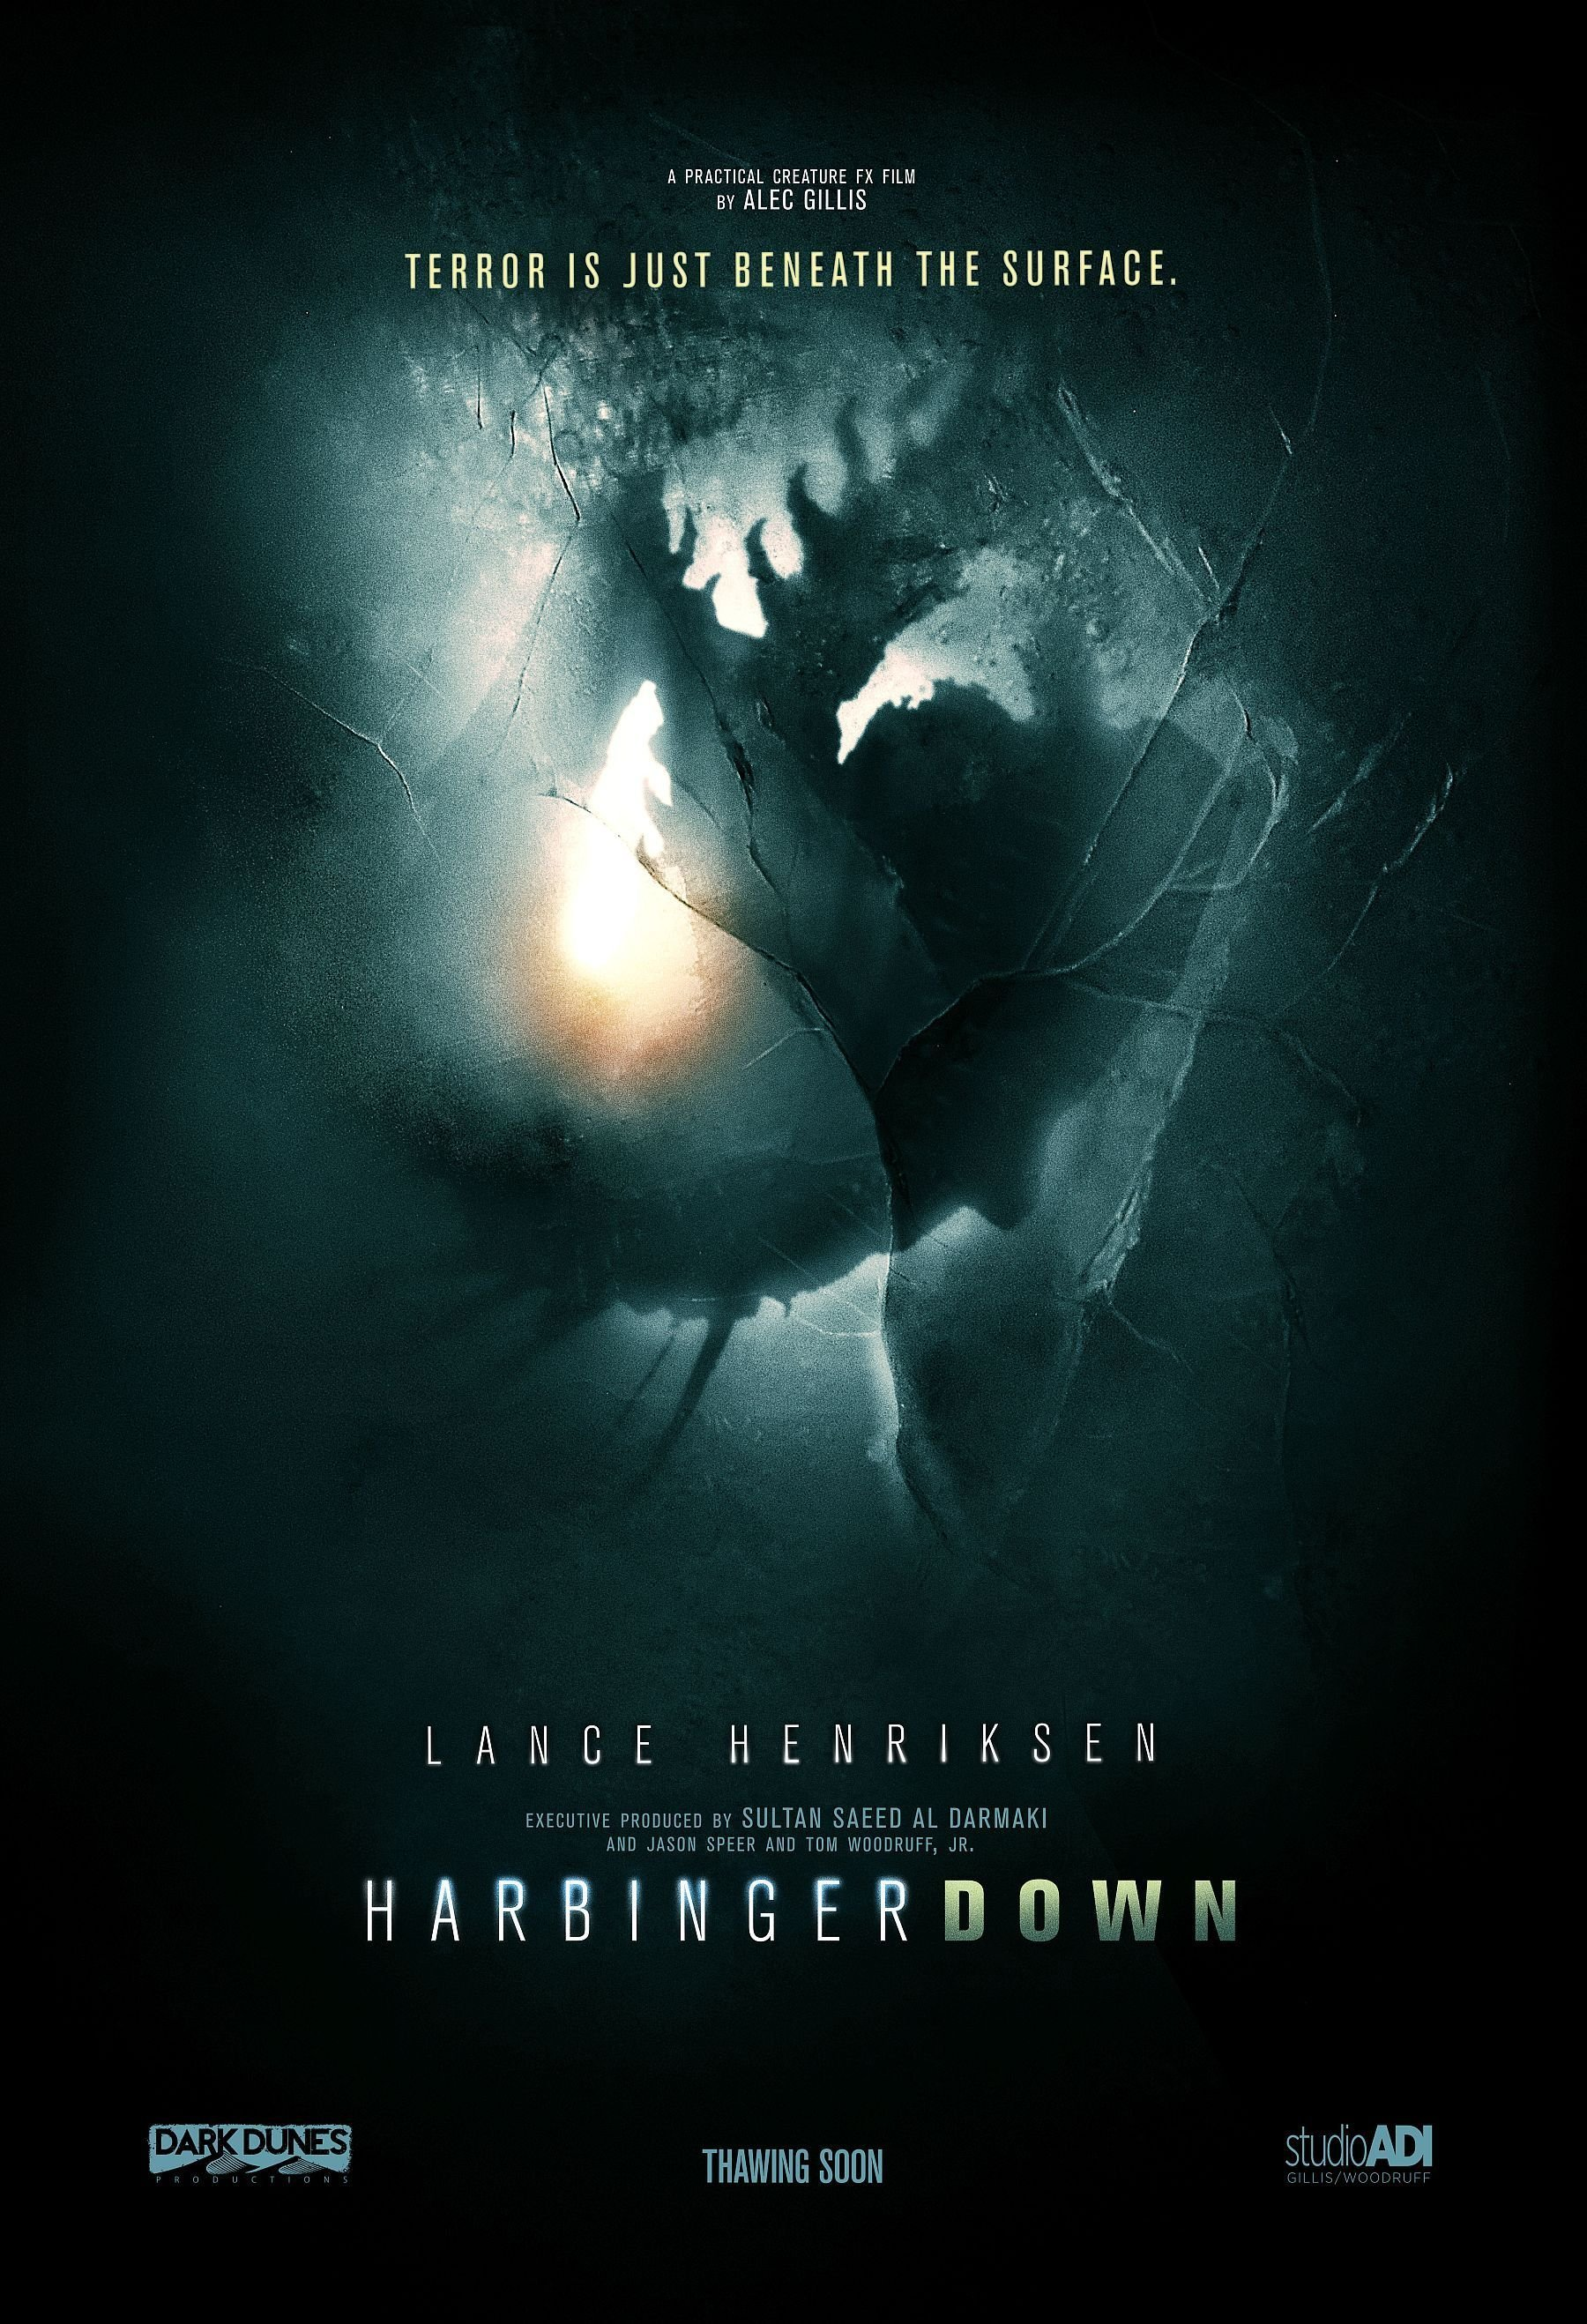 Harbinger-Down-2015-08-07